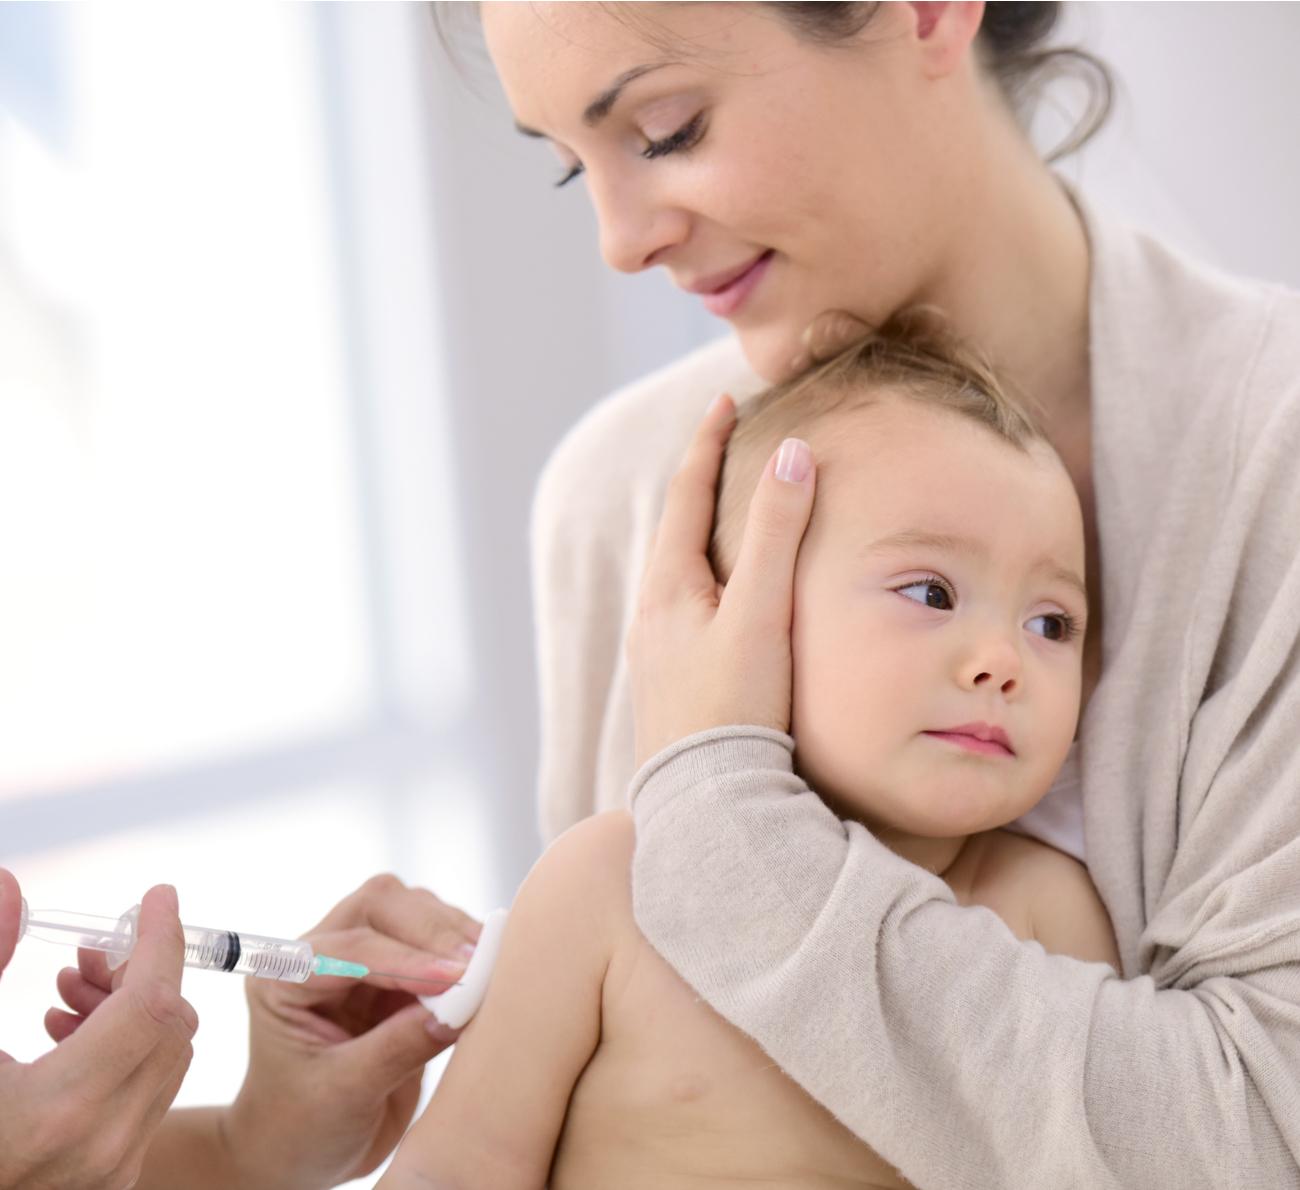 dor da vacina